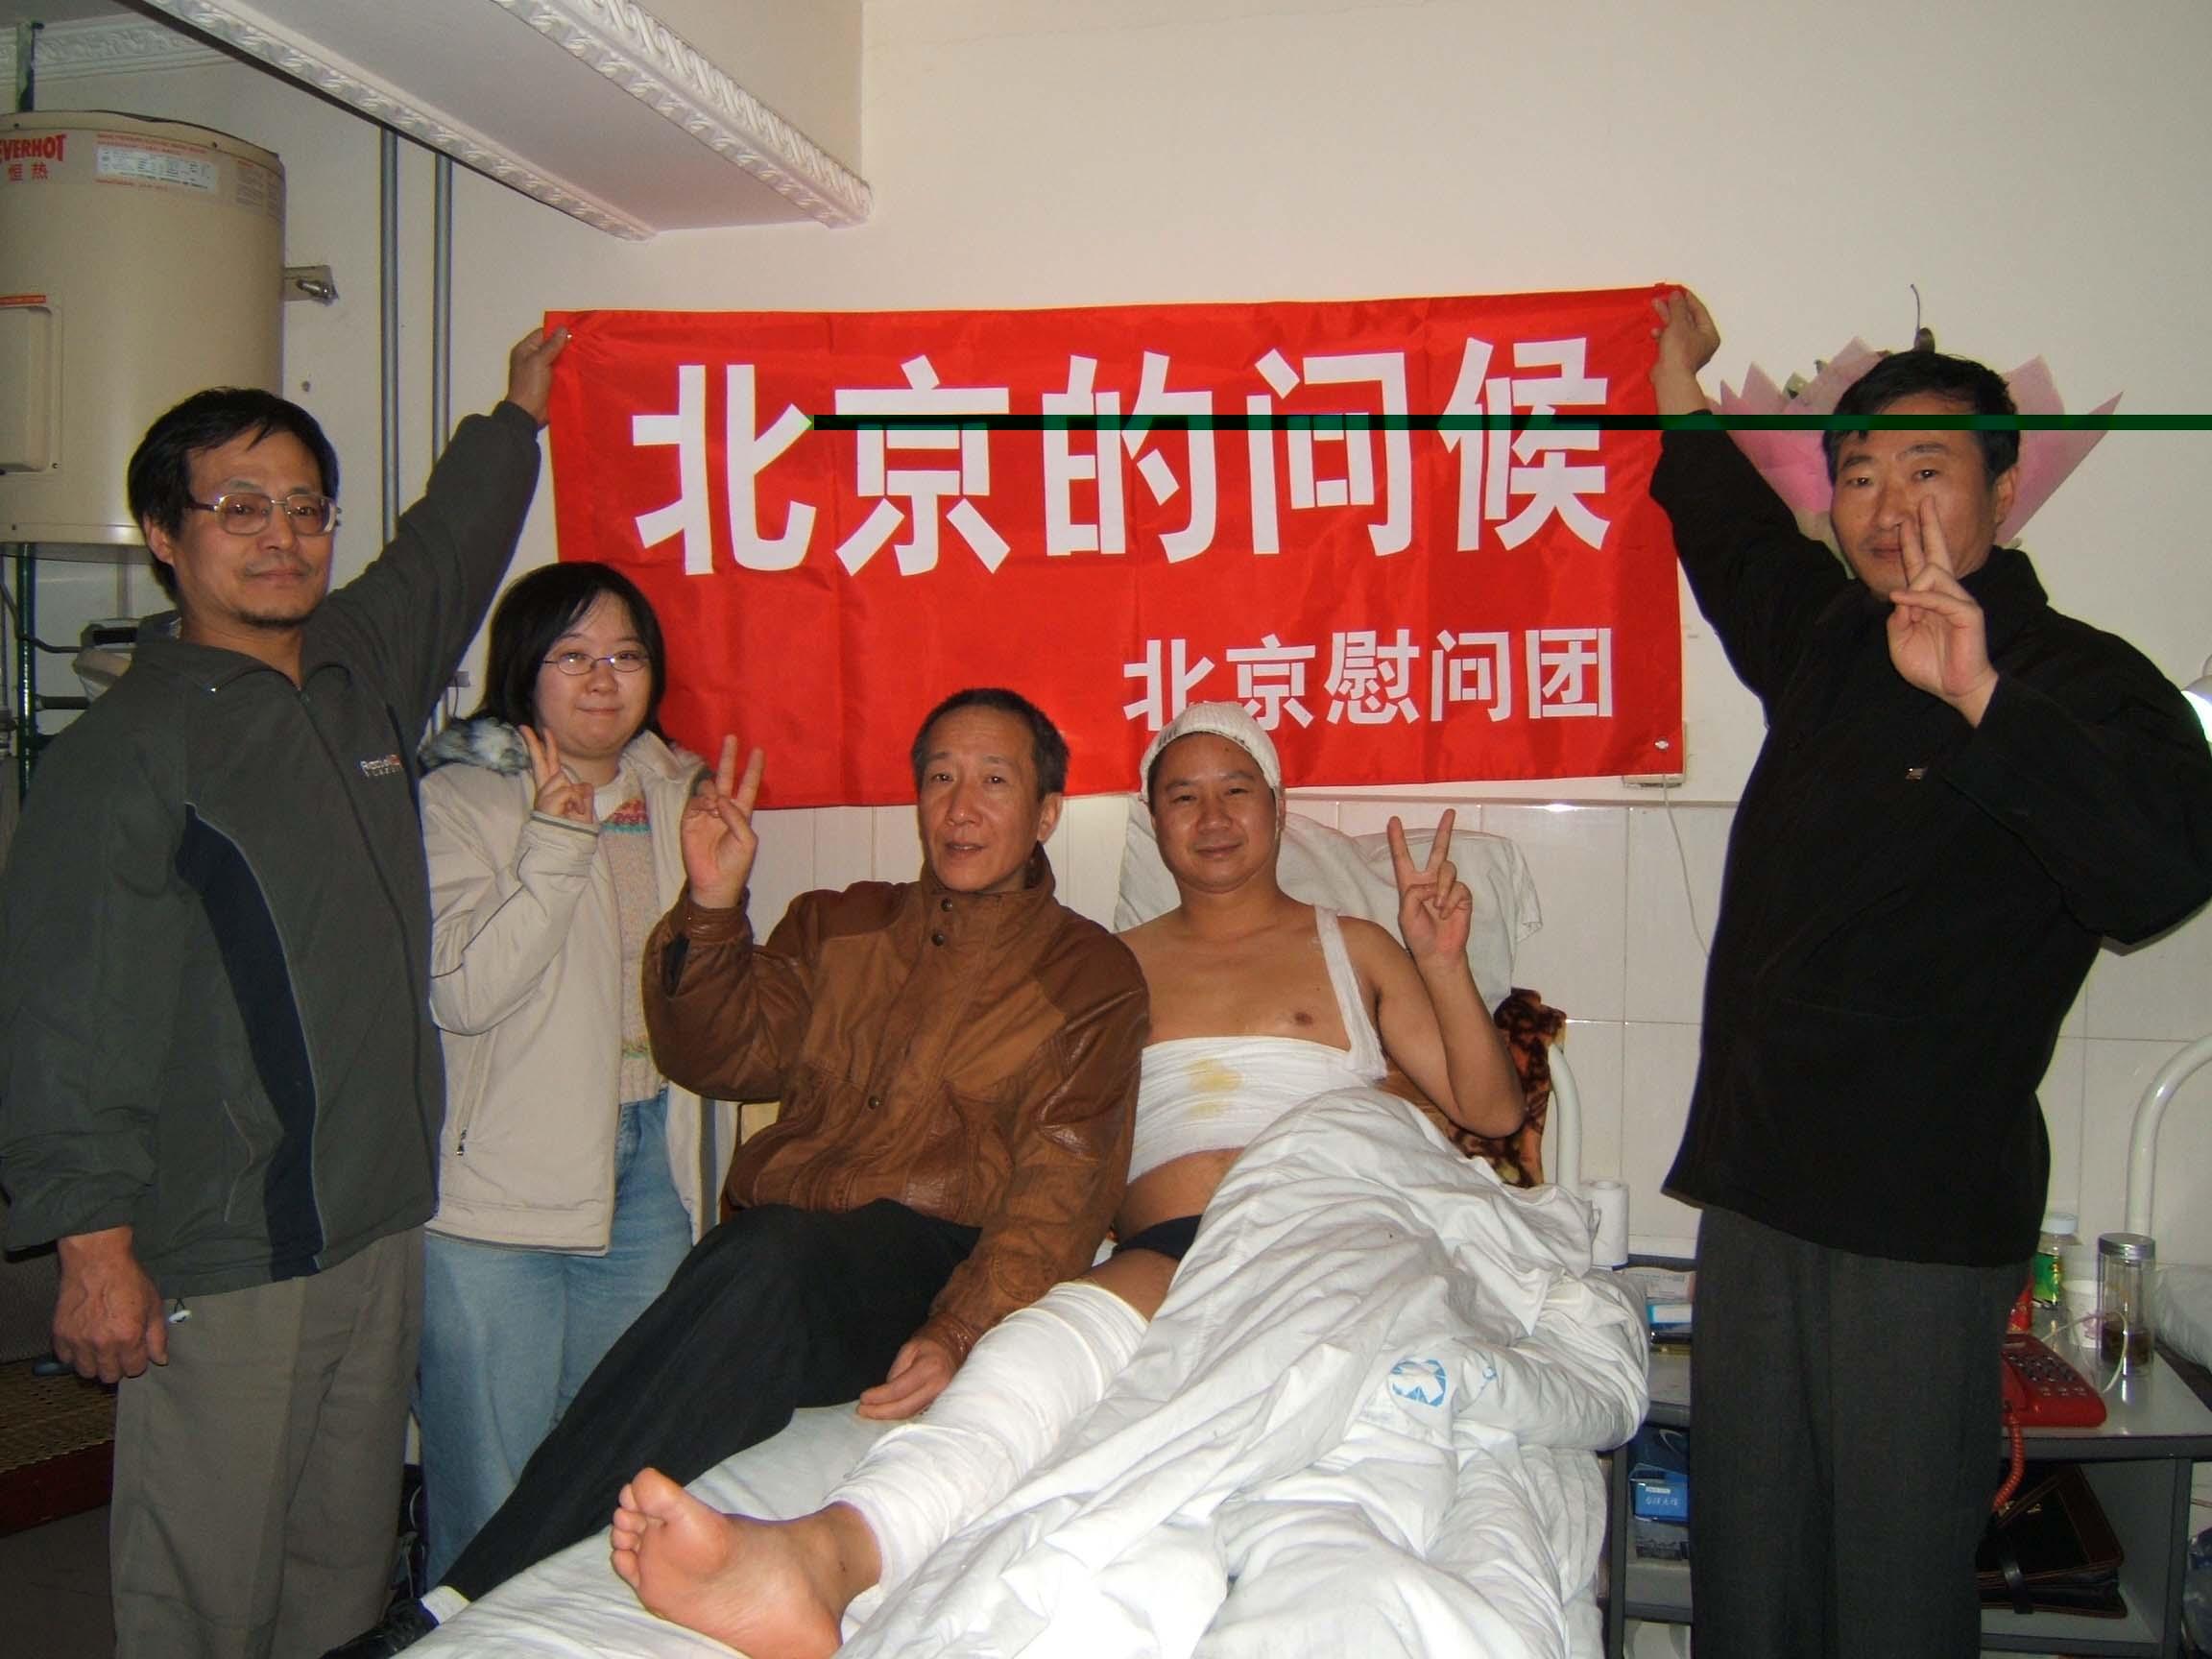 Bekannter Bürgerrechtler in China wegen Teilnahme an Hungerstreik verhaftet